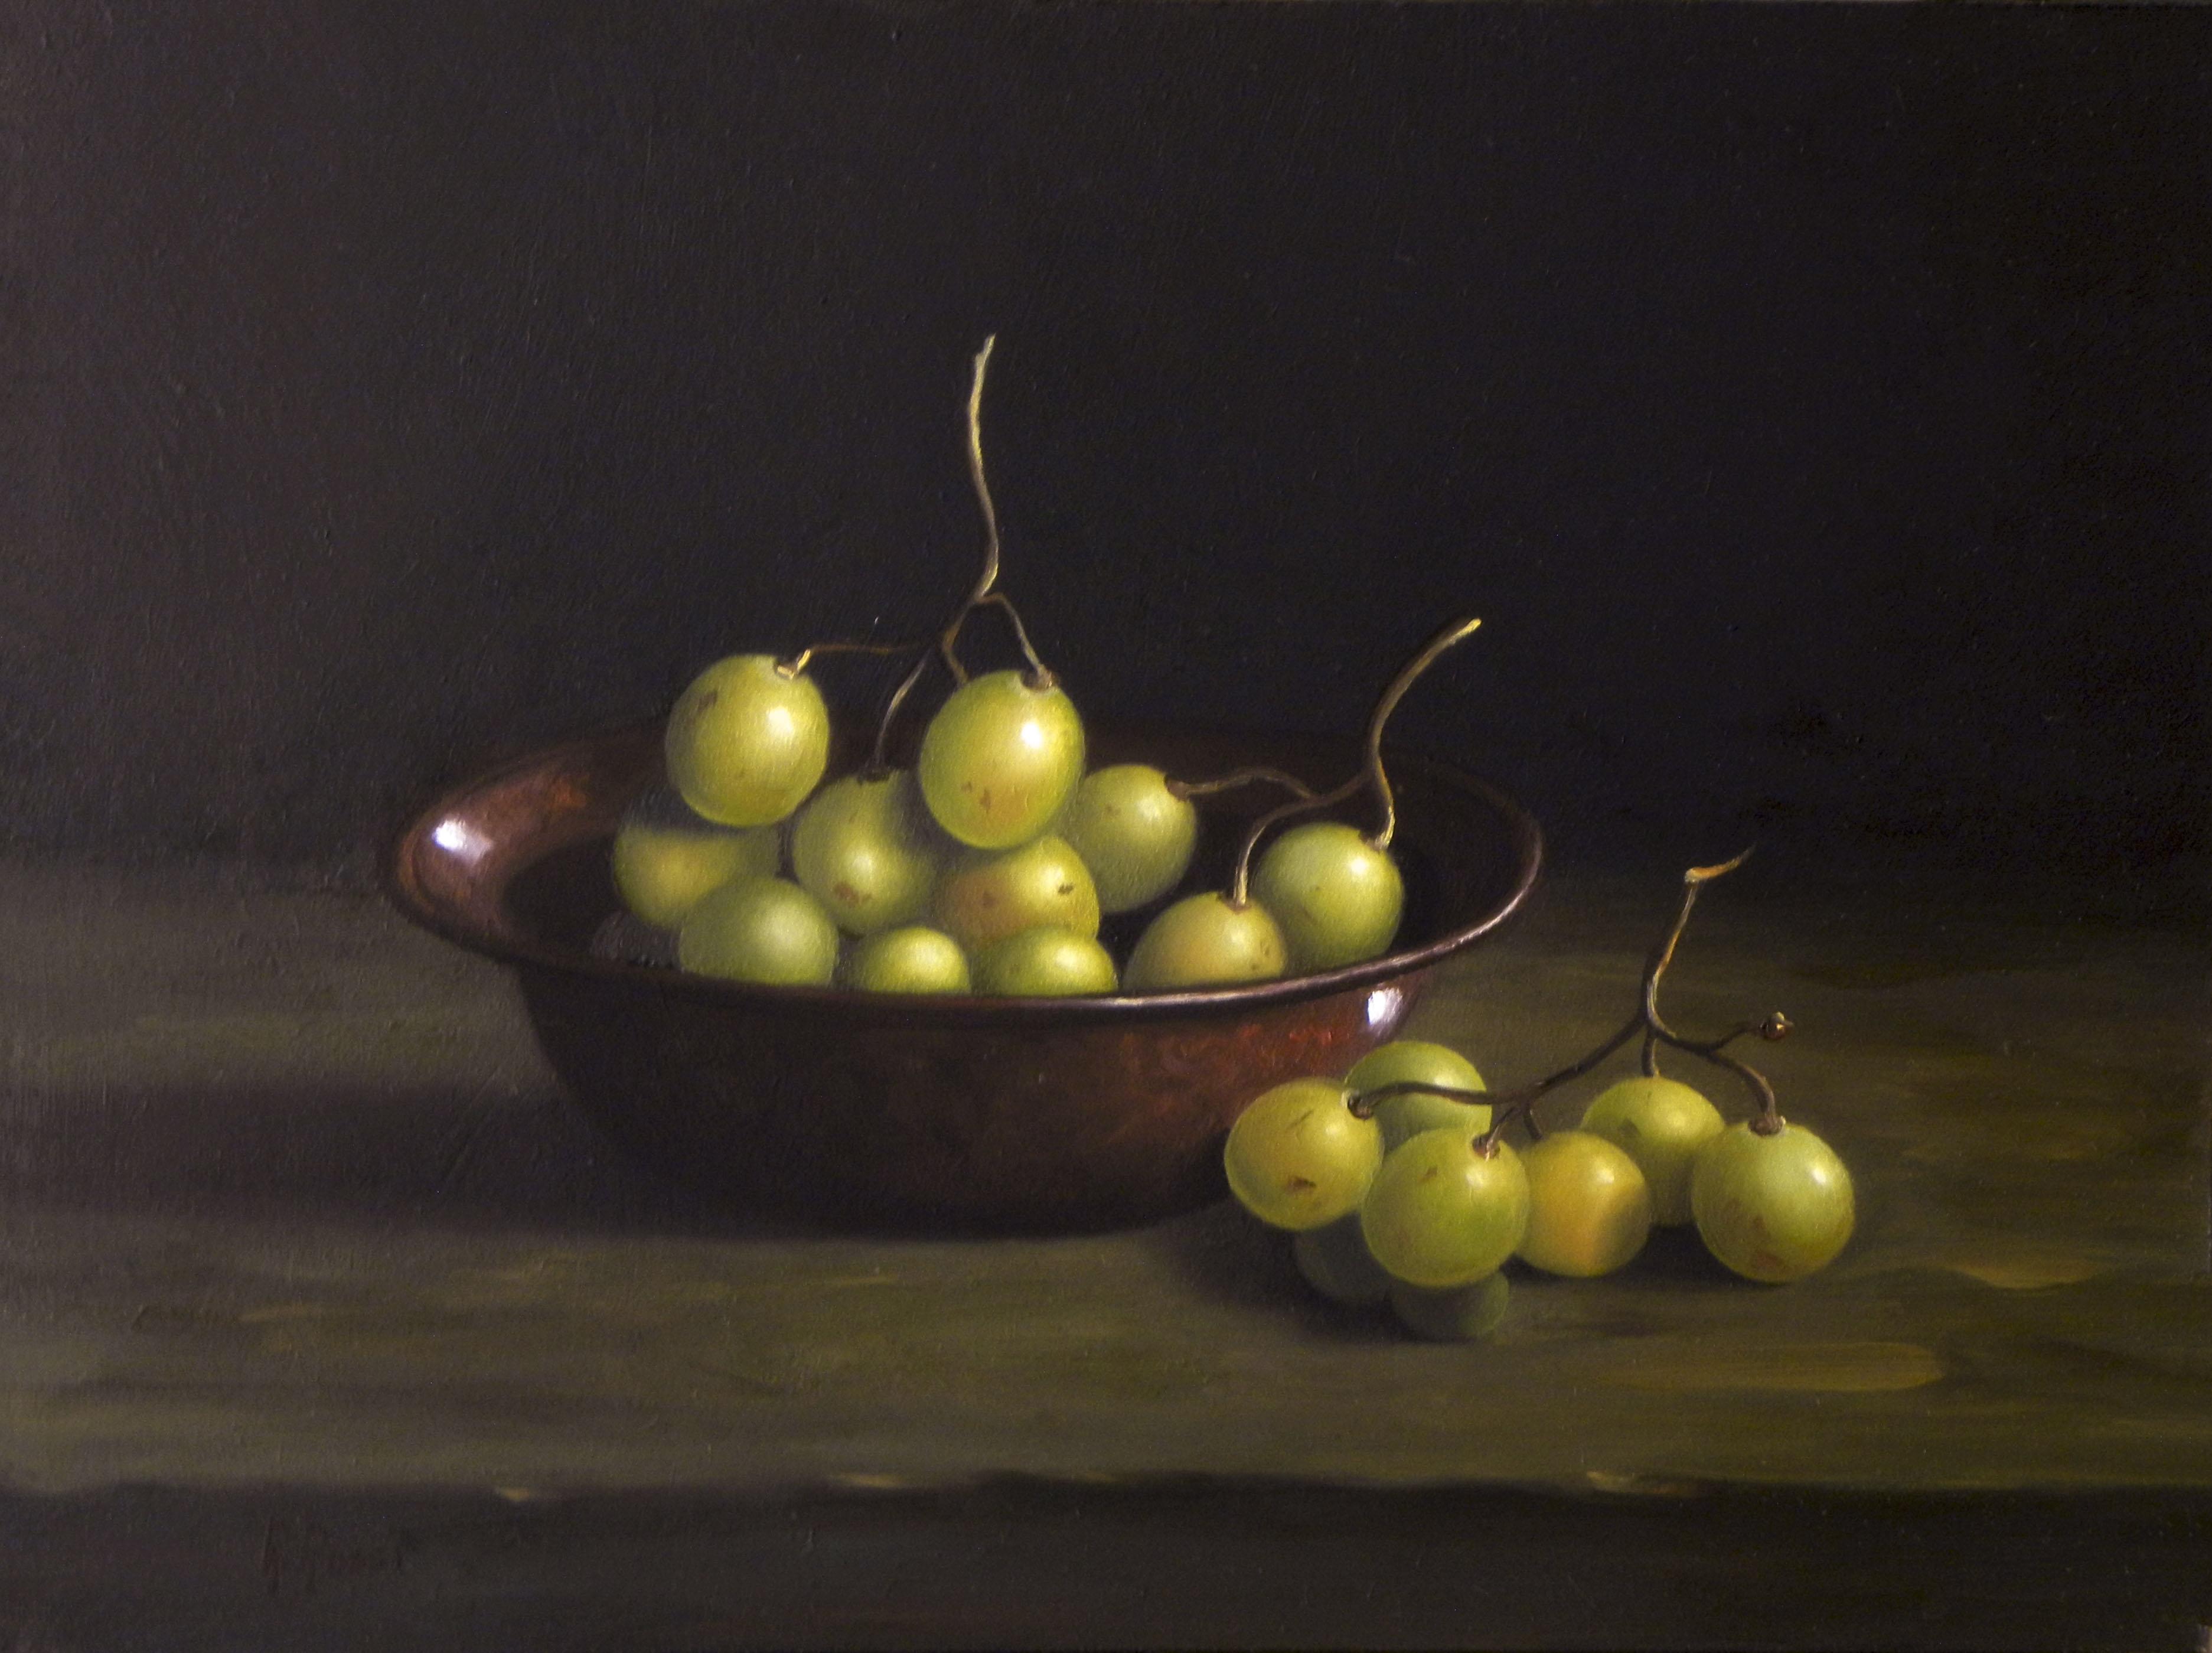 2015 roberta rossi - uva nella ciotola - olio su tavola - 18 x 24